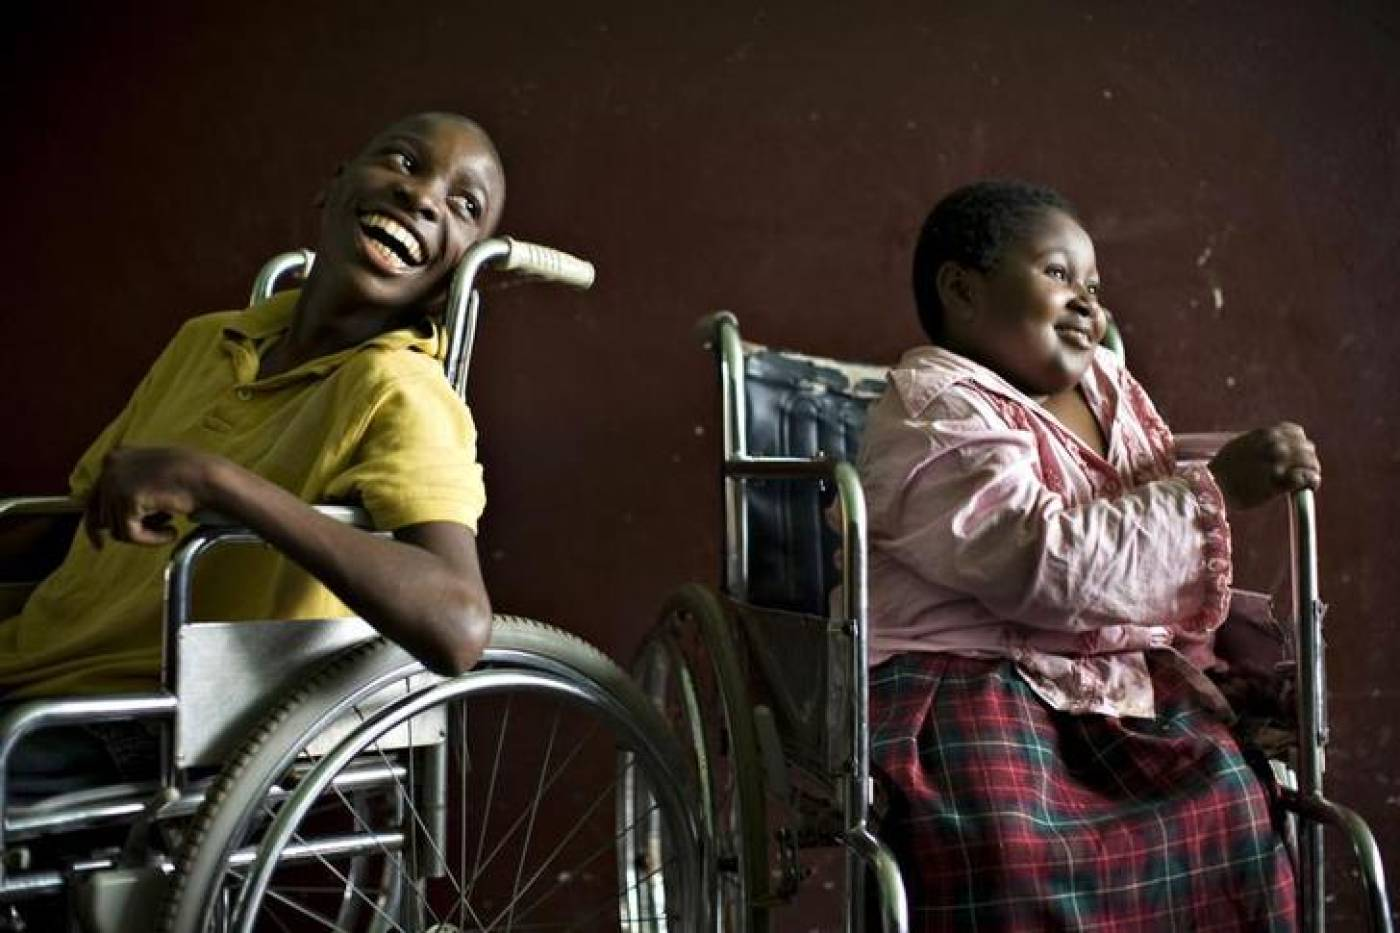 South Africa, African Children, Disabled African Children, KOLUMN Magazine, KOLUMN